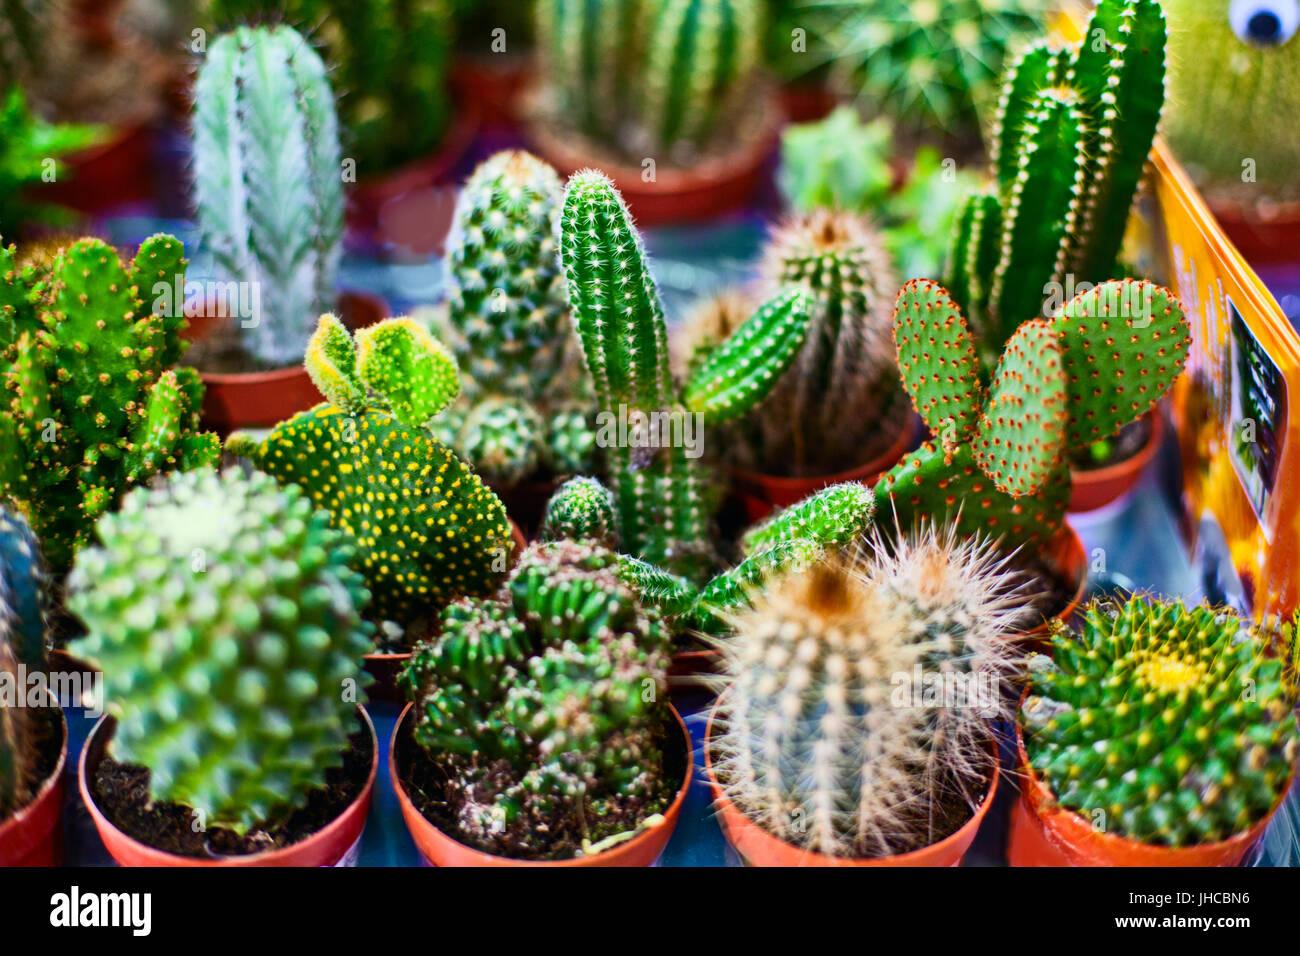 Cactus suculentas flores foto imagen de stock 148404738 for Curso cactus y suculentas